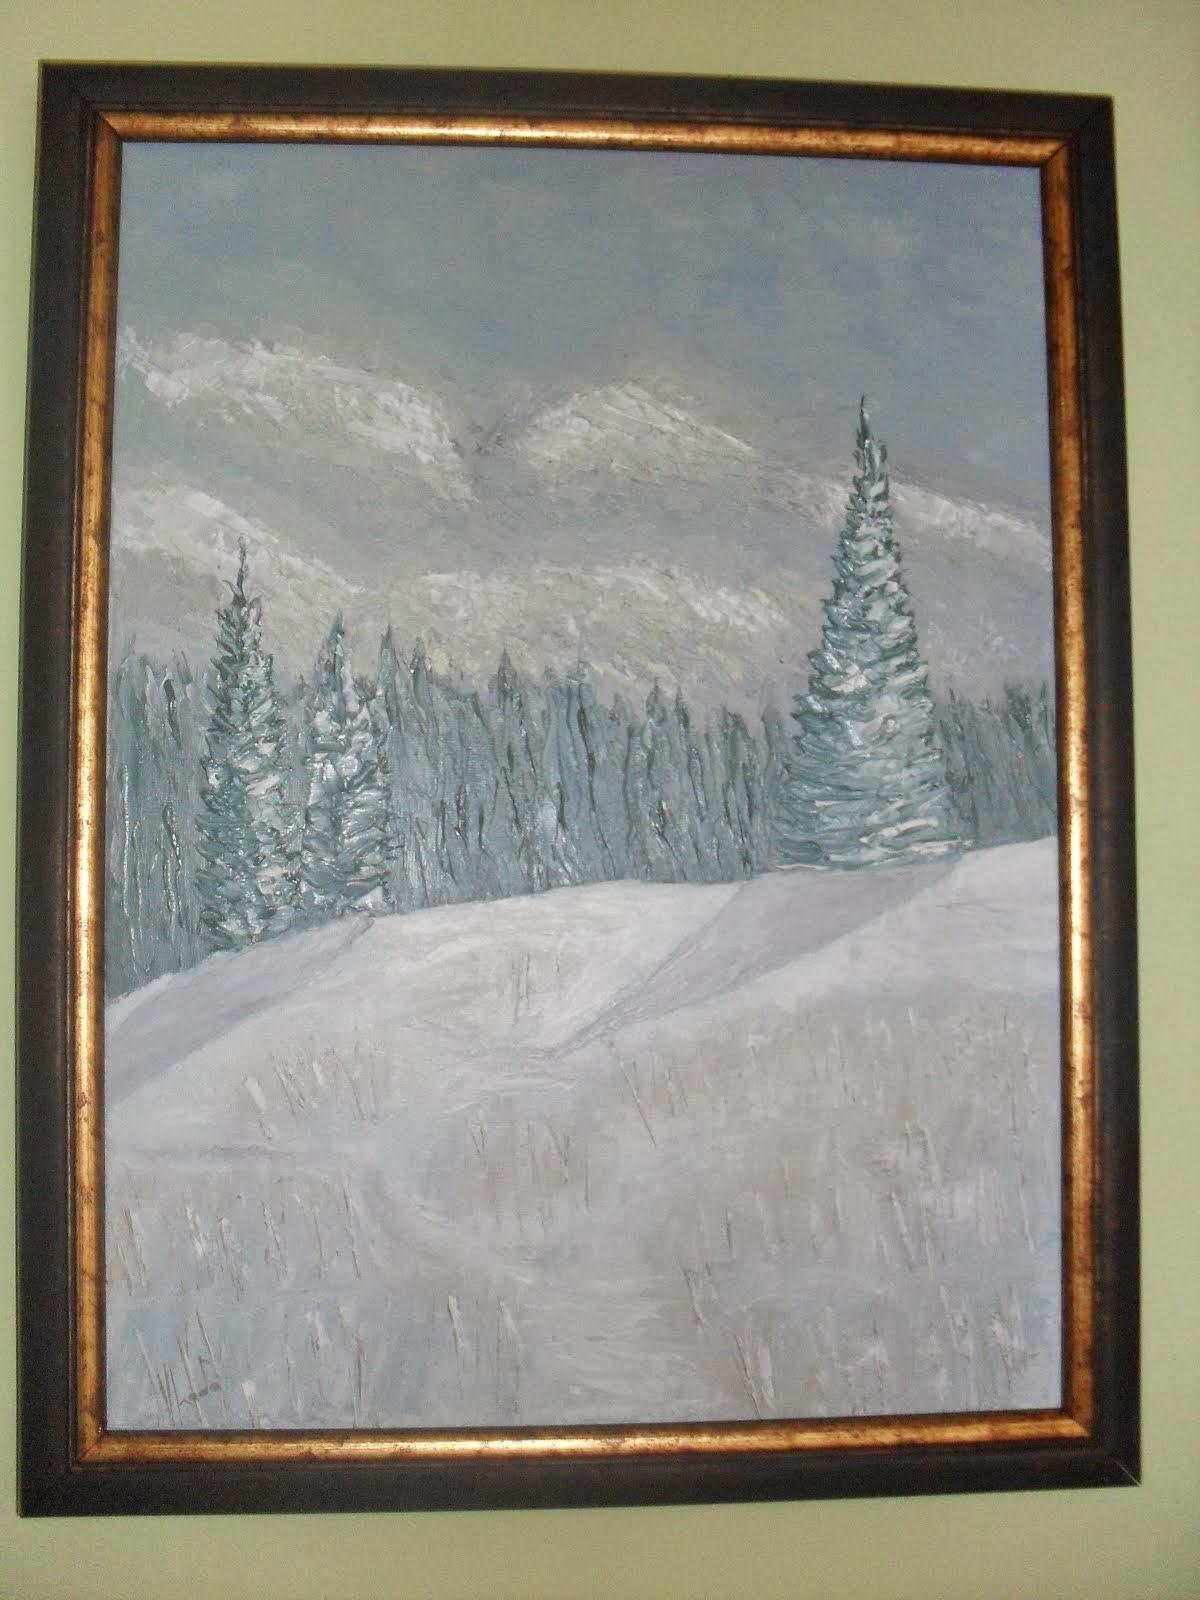 ulje na platnu,umetnička slika-ZIMA KOPAONIK-Vladisav Bogicevic slikar Luna-Nis